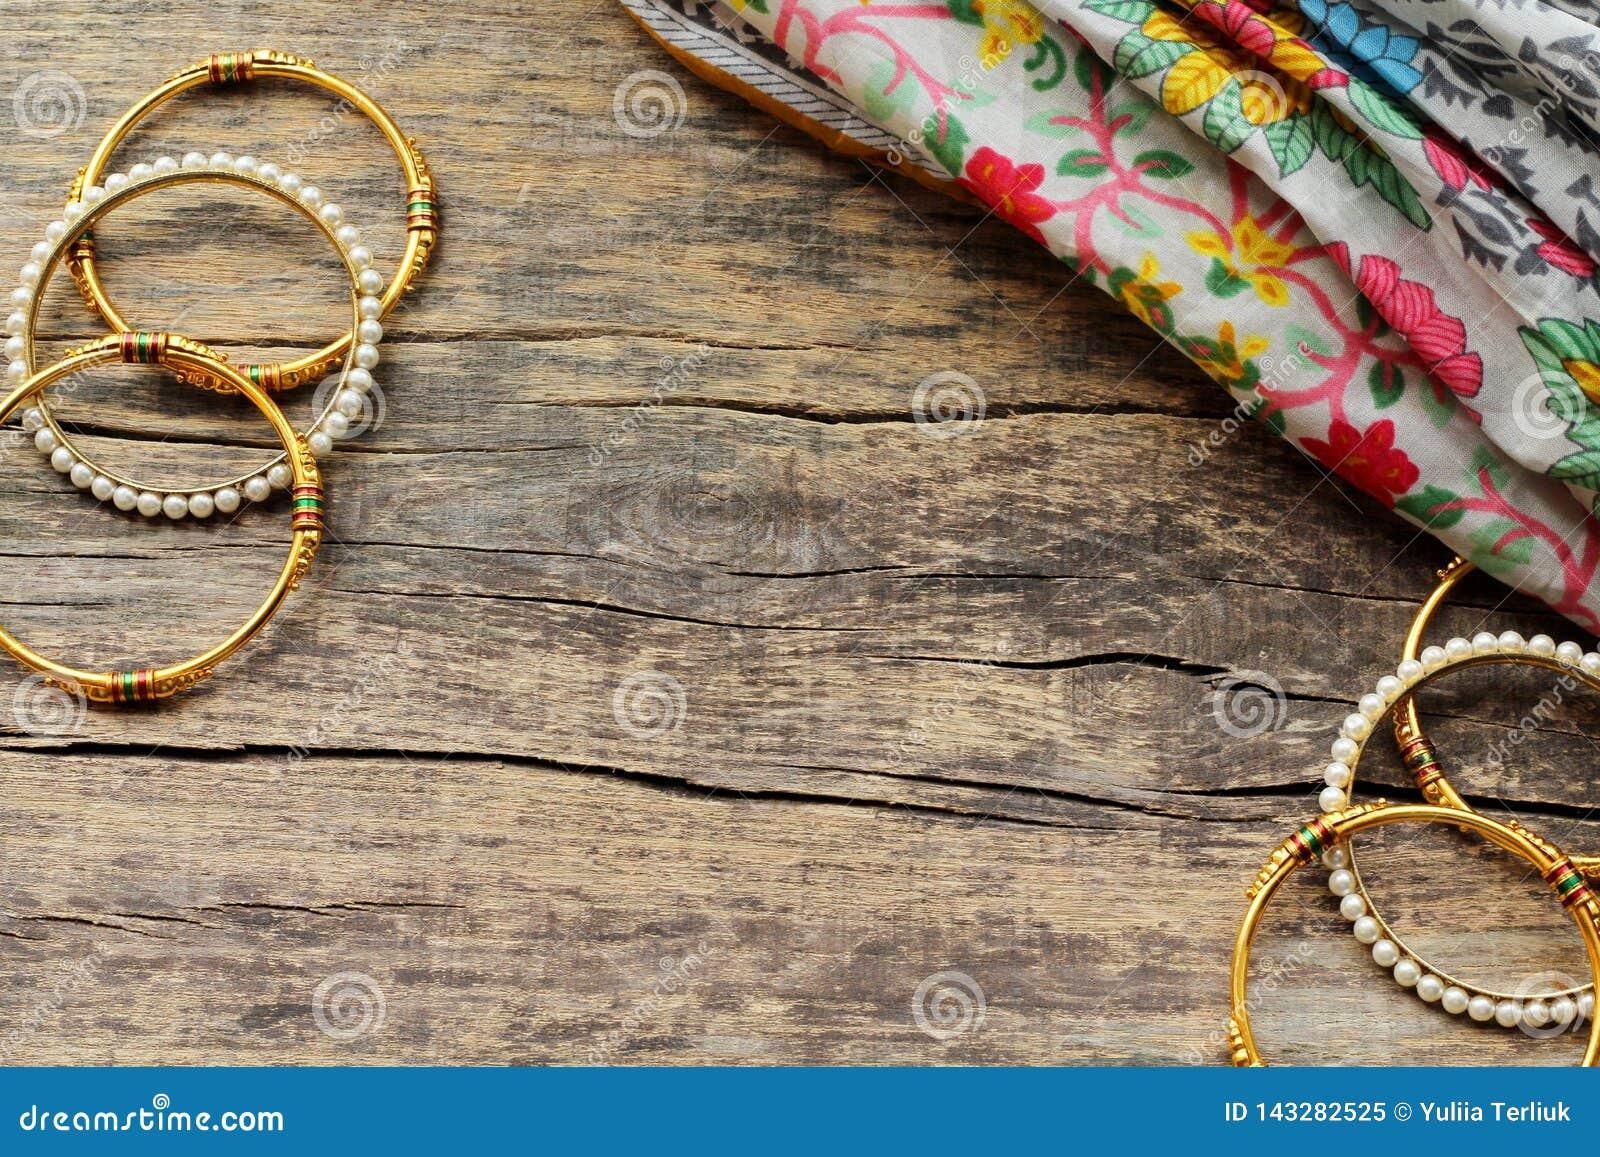 Indische Schmuckarmbänder und ethnische Gewebemit blumenlüge auf einem hölzernen Hintergrund